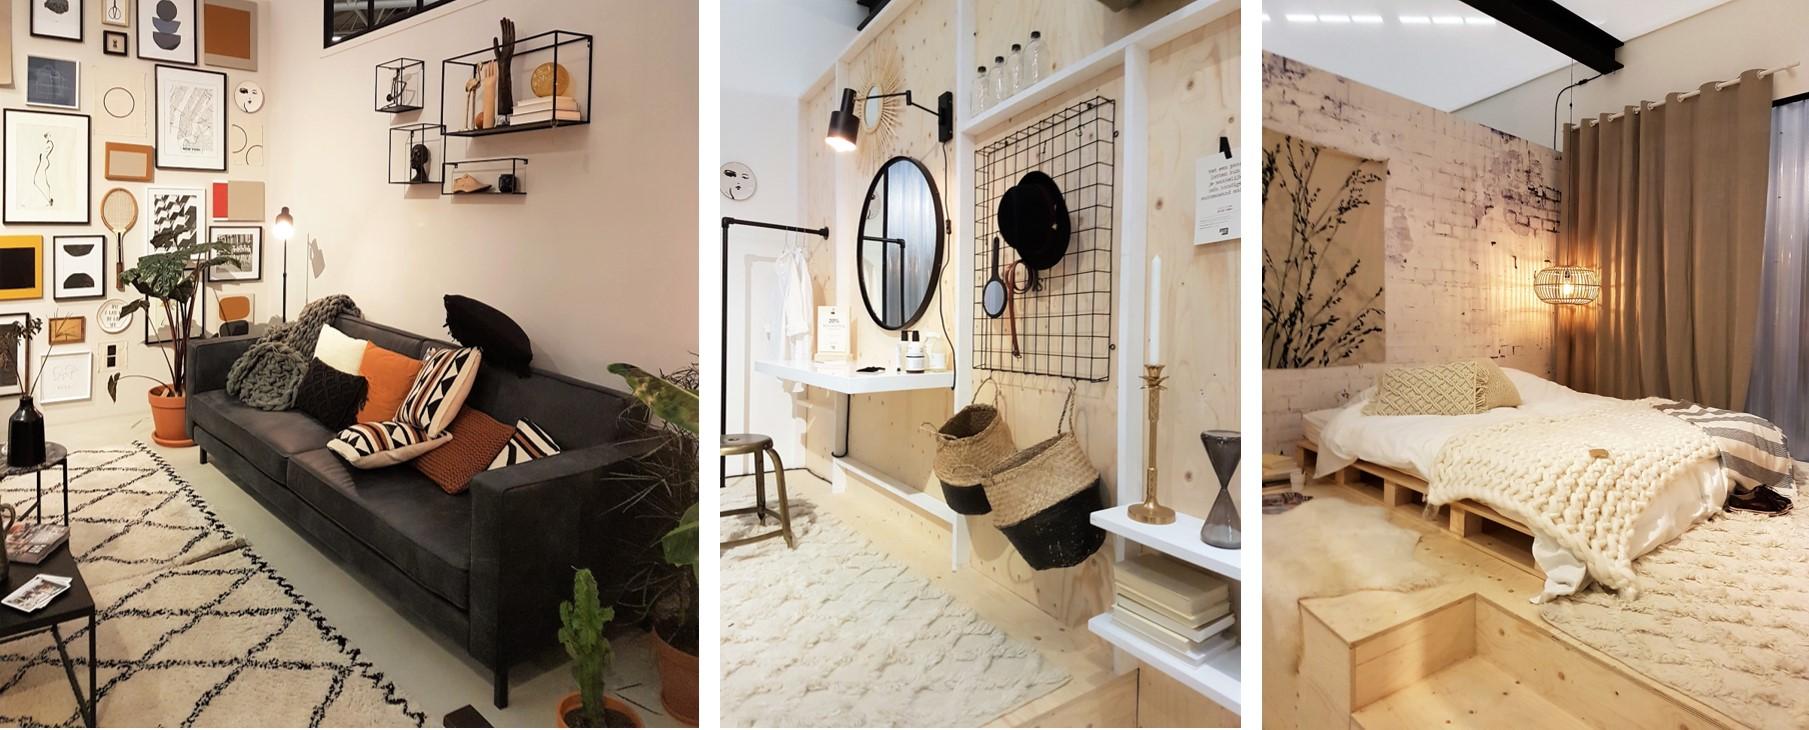 Interieur inspiratie op de vt wonen beurs mamaschrijft for Interieur beurs